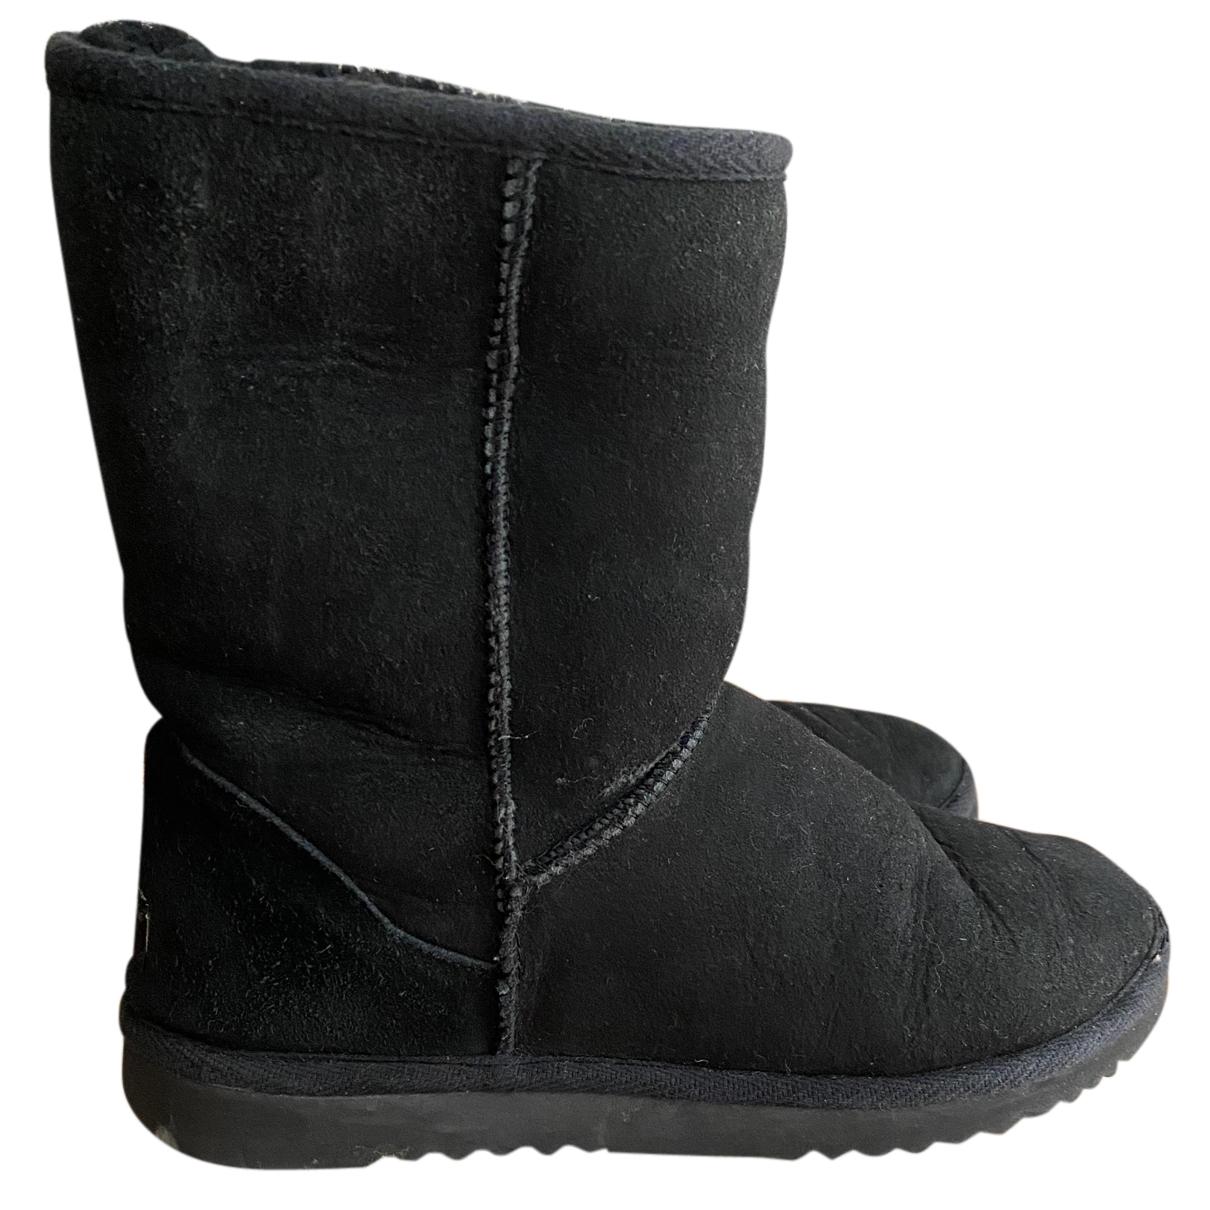 Ugg N Black Shearling Boots for Women 39 EU